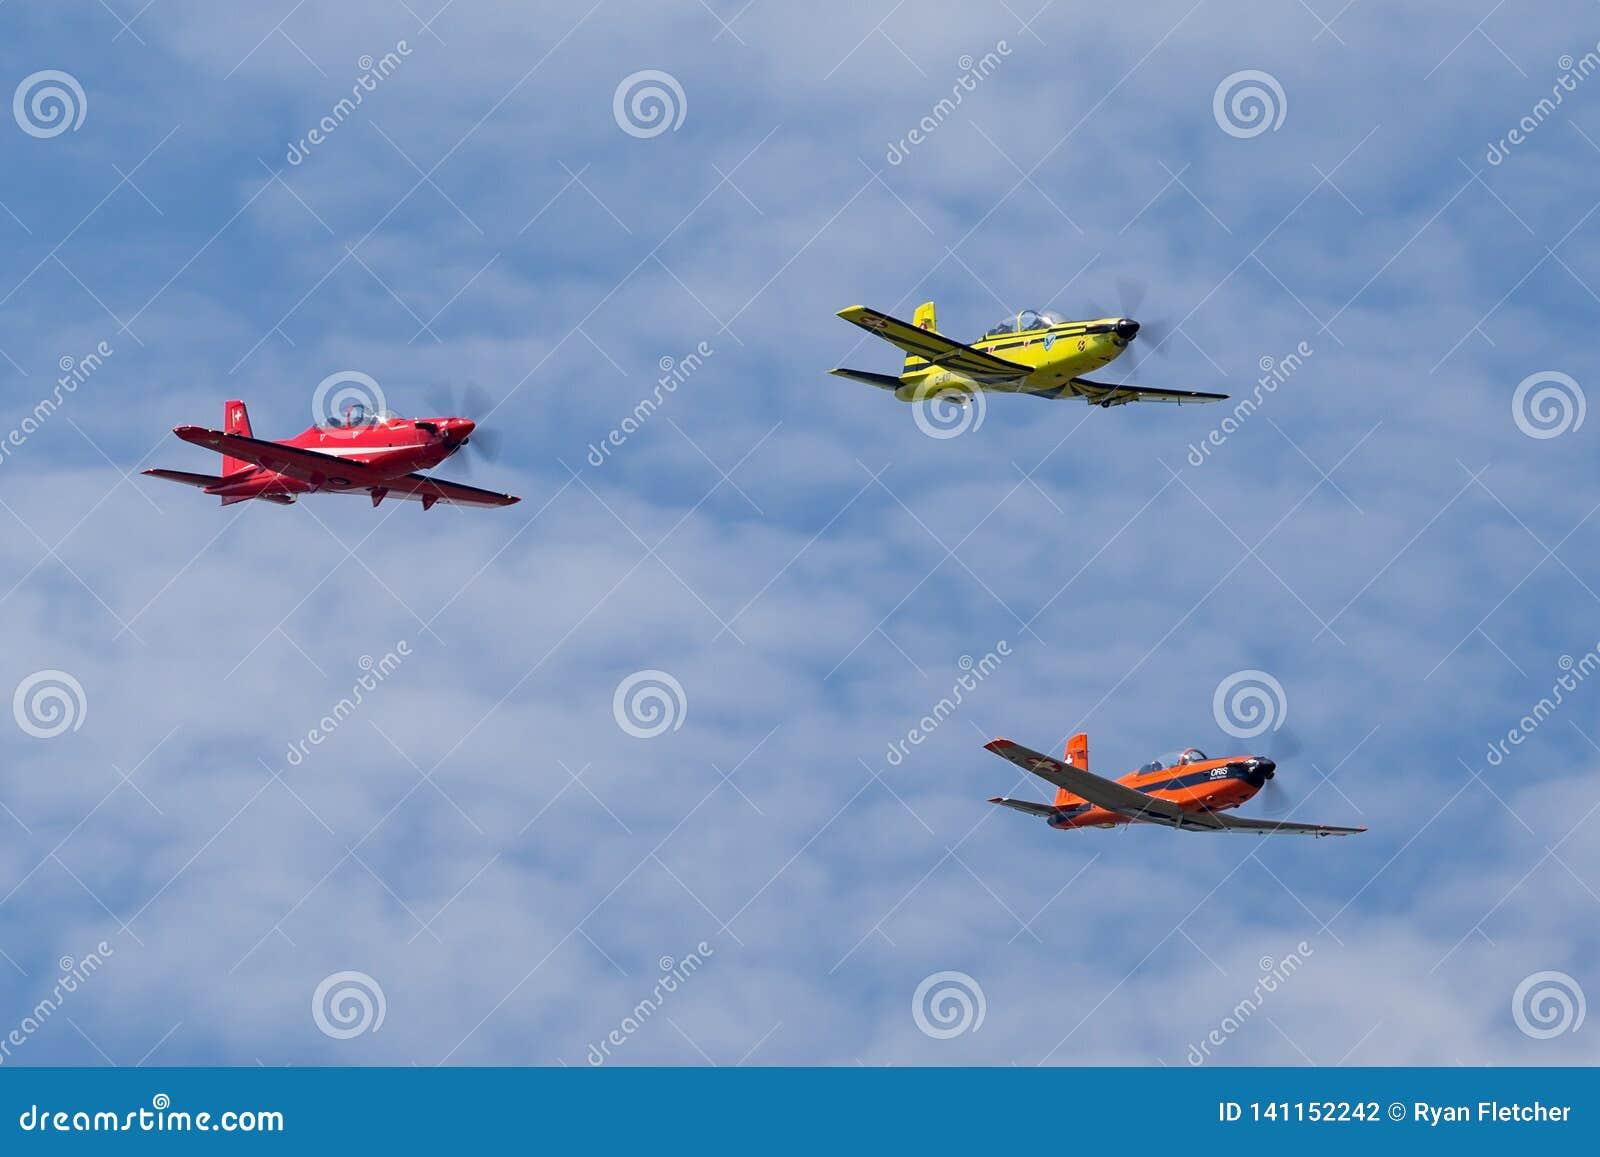 Vorming die van Swiss Air-Kracht opleidingsvliegtuigen uit een Pilatus PC-9, PC-7 en PC-21 bestaan